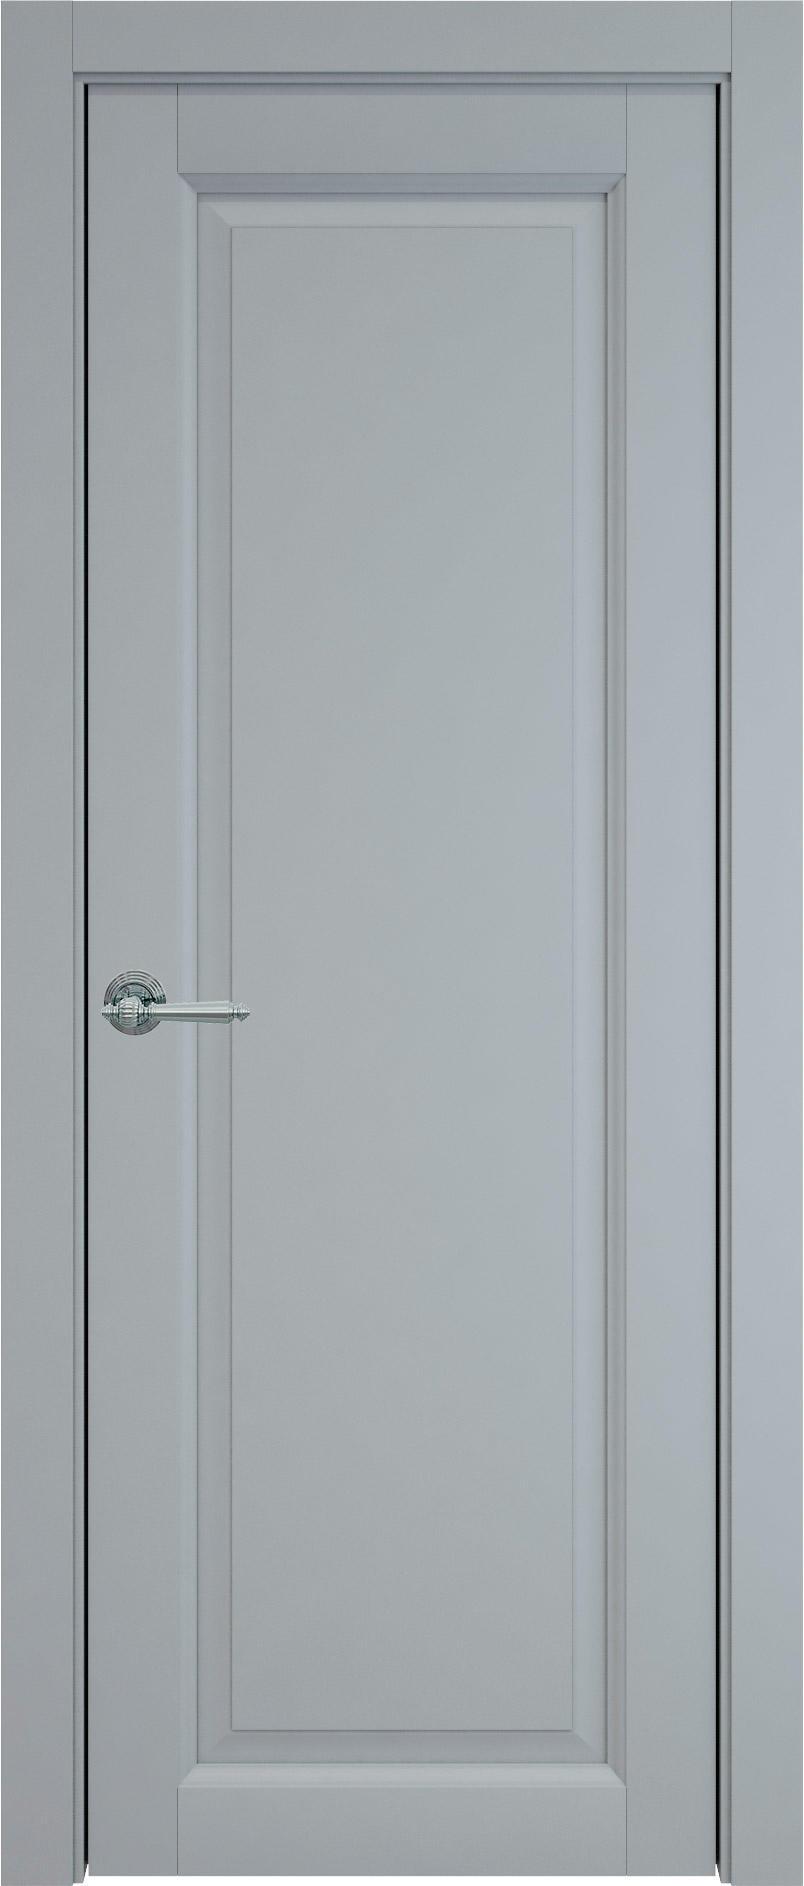 Domenica цвет - Серебристо-серая эмаль (RAL 7045) Без стекла (ДГ)